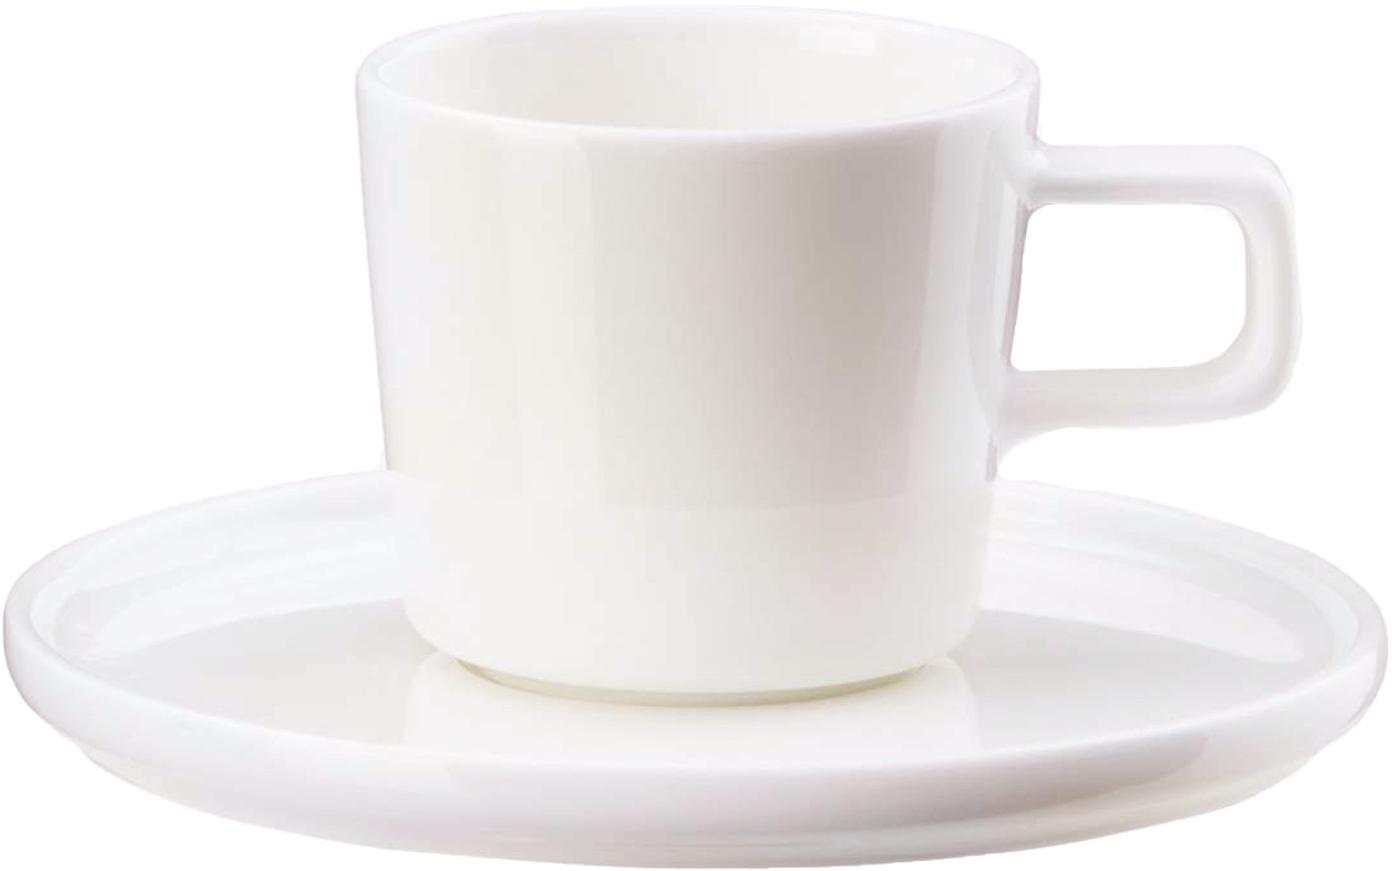 Filiżanka Oco, 12 elem., Porcelana chińska, Biały, Ø 6 x W 7 cm